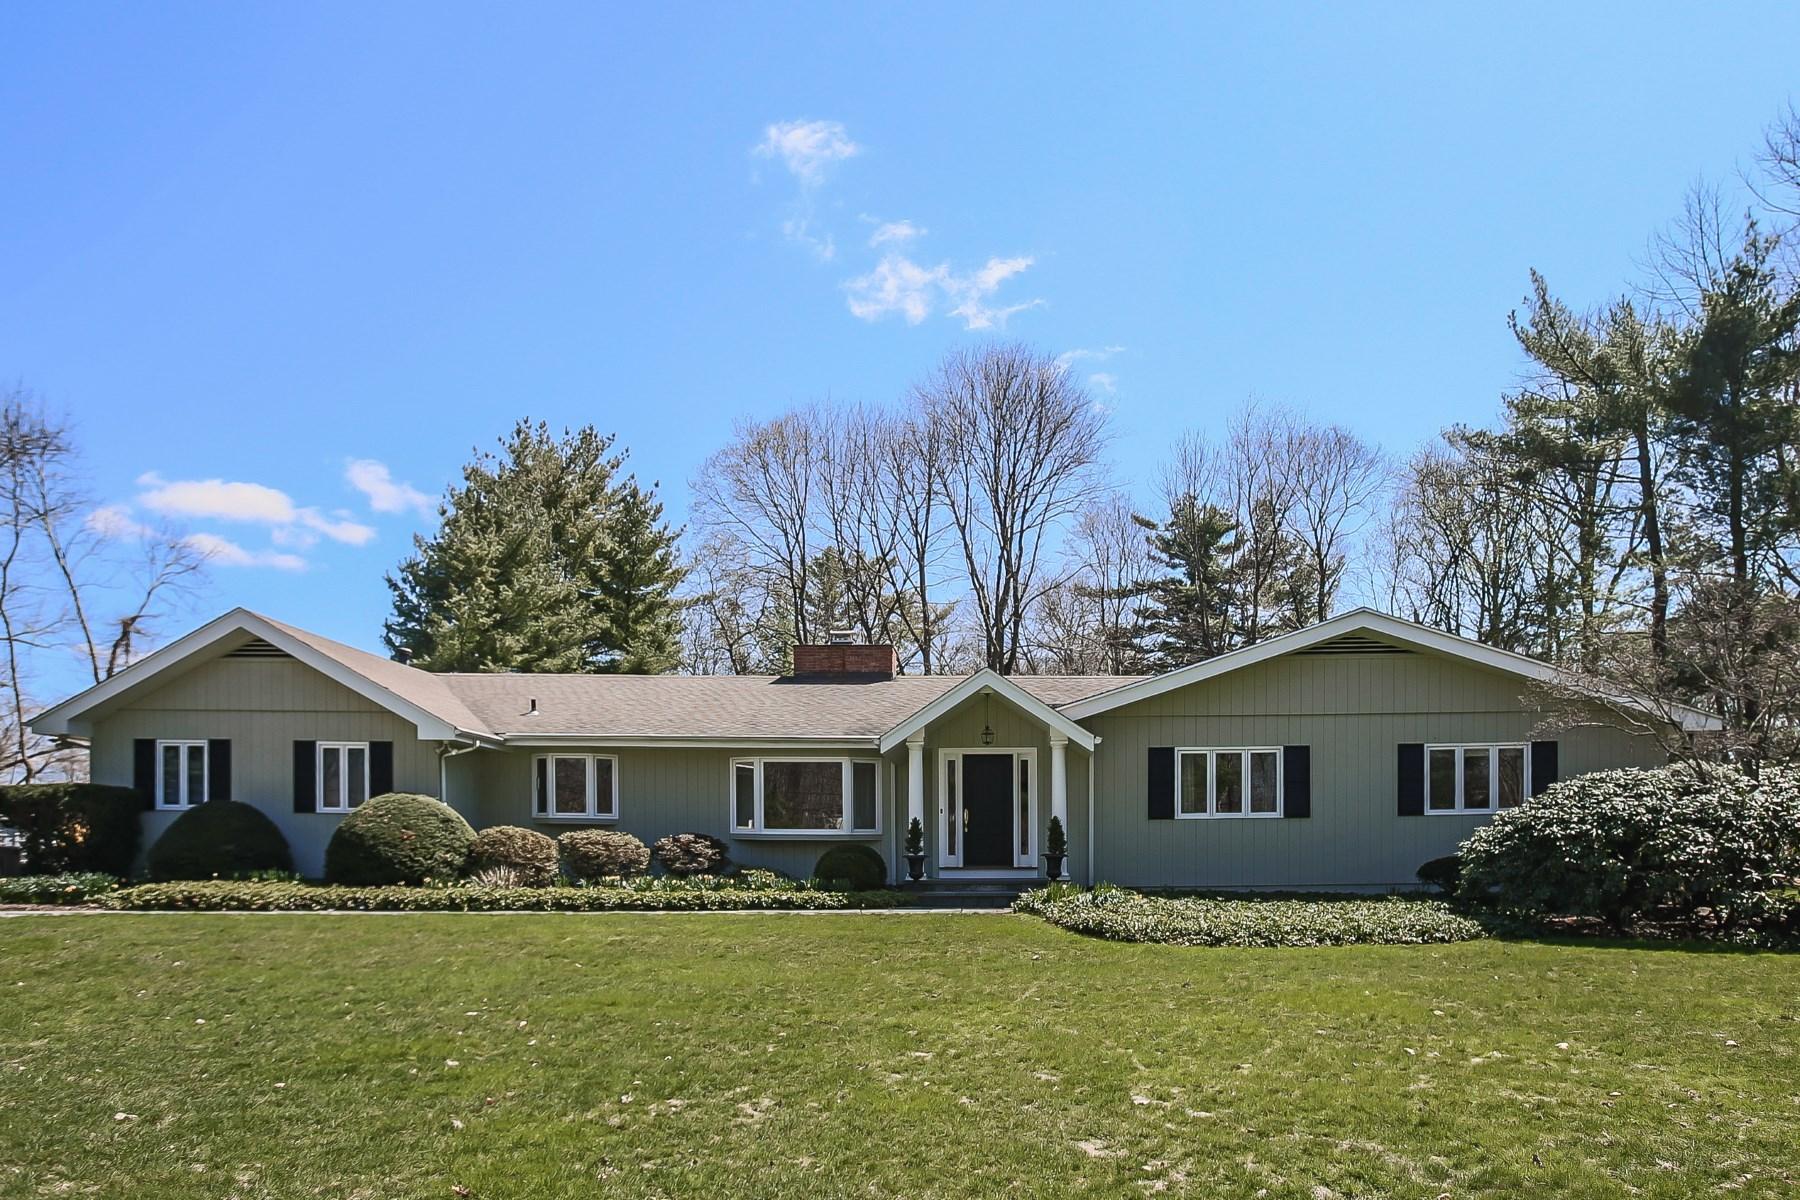 Частный односемейный дом для того Продажа на 25 Turner Drive, Greenwich CT Central Greenwich, Greenwich, Коннектикут, 06831 Соединенные Штаты